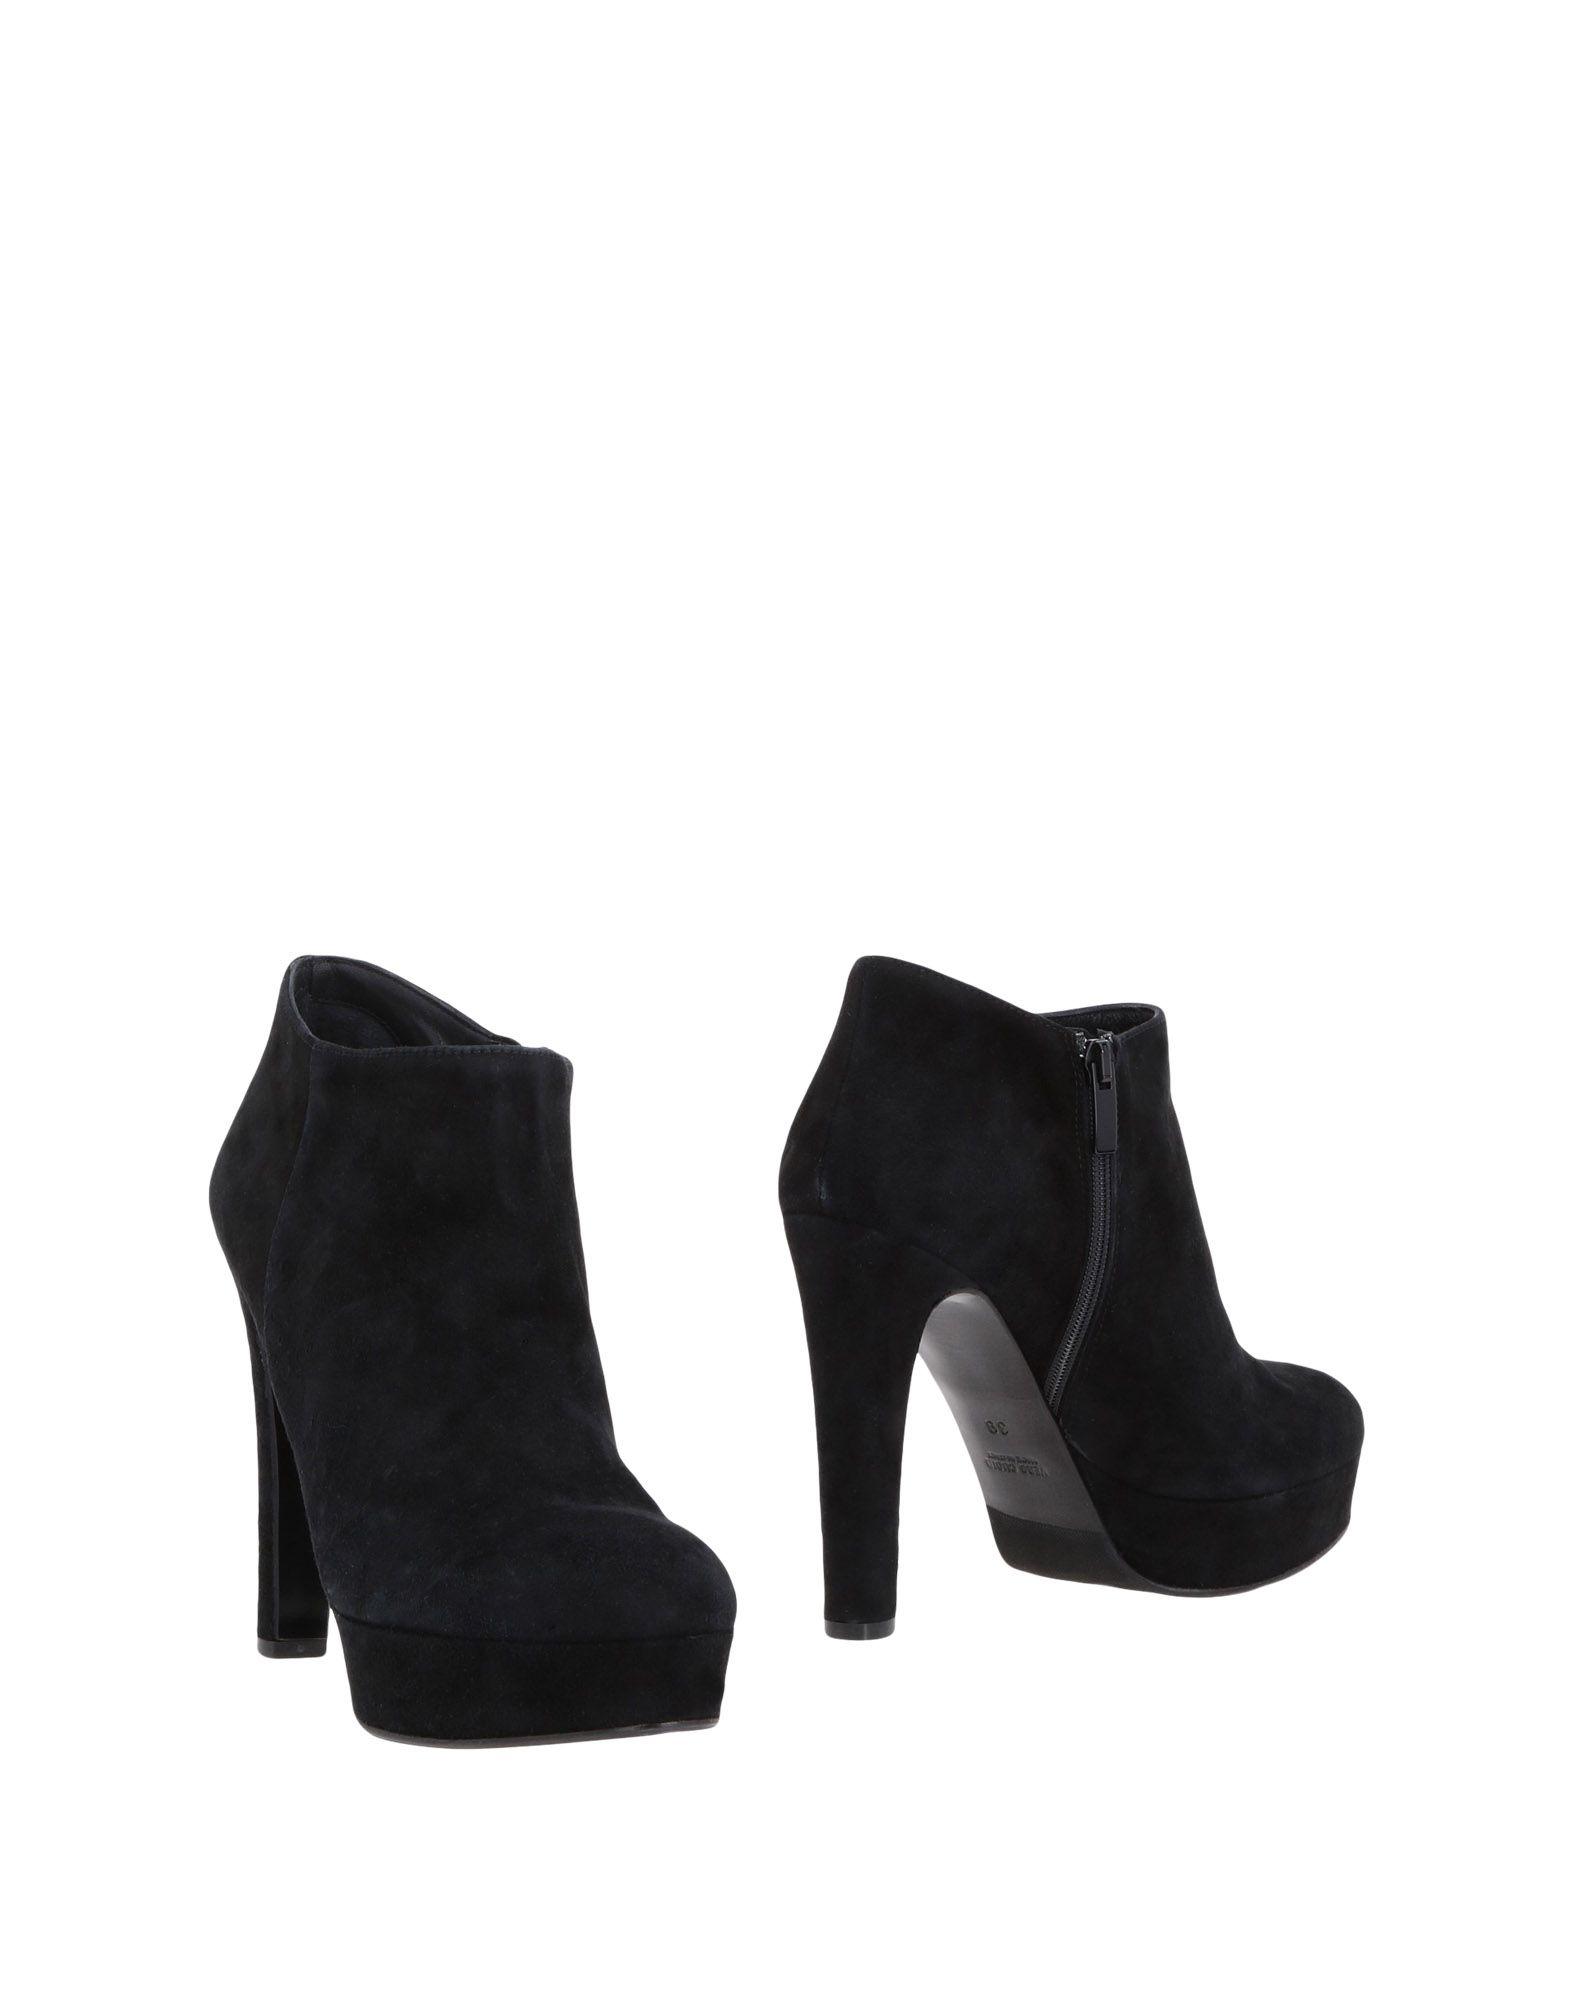 Marc Ellis Stiefelette Damen  11472729BL Gute Qualität beliebte Schuhe